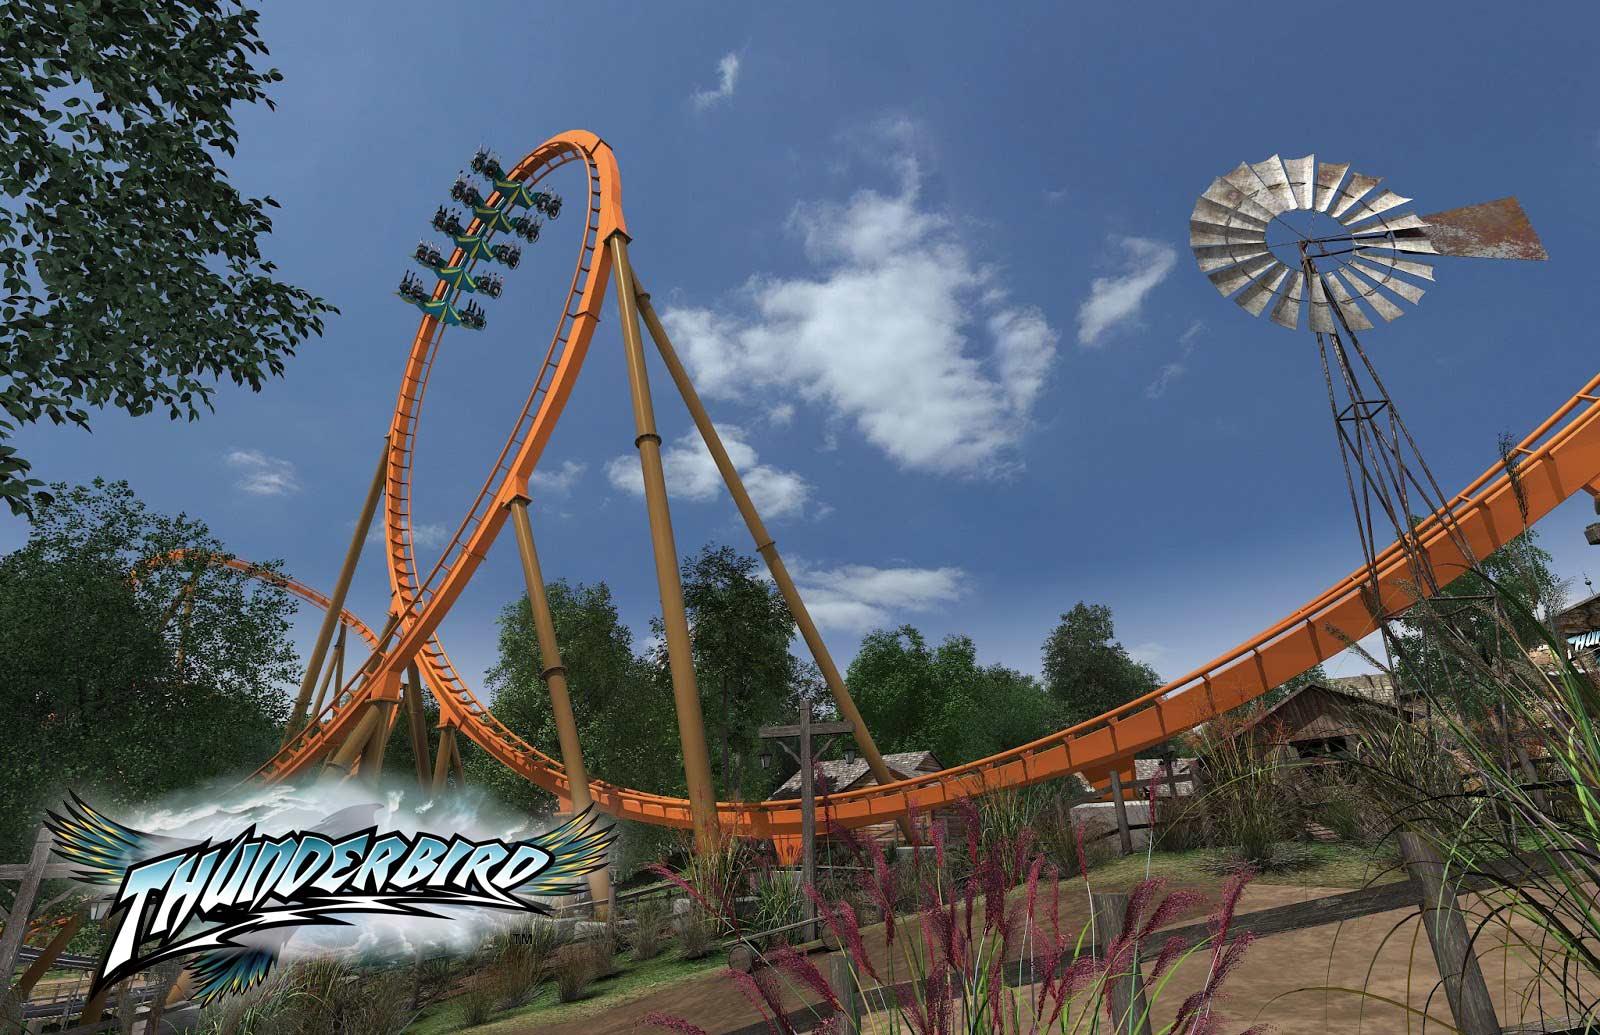 xmas roller coaster hd - photo #3